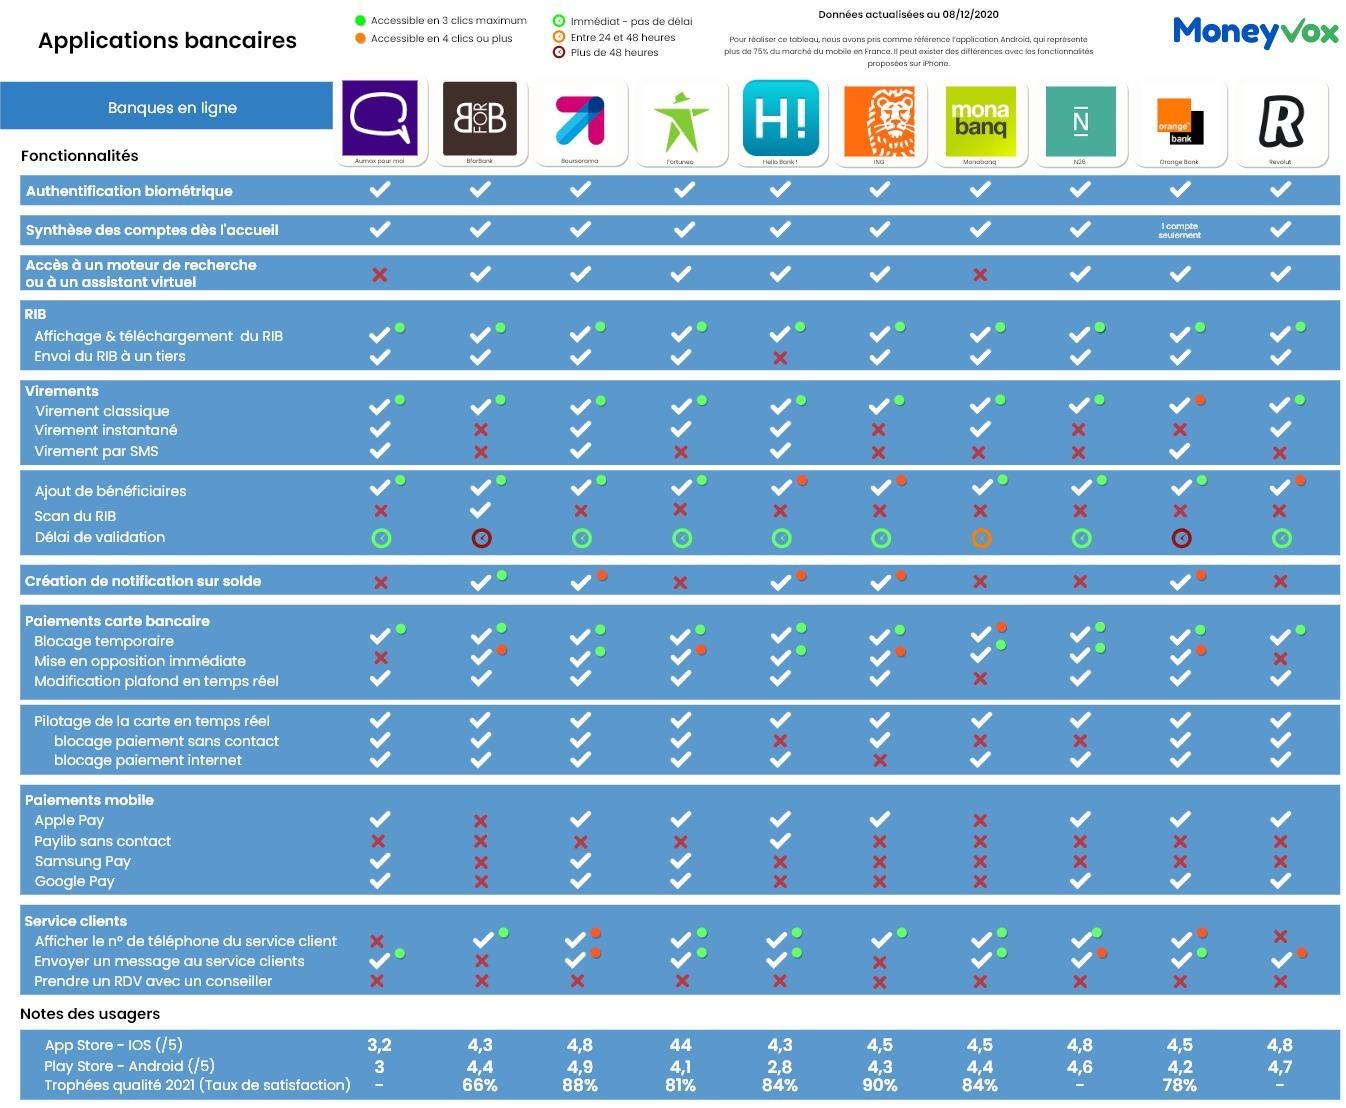 Fonctionnalités des applications bancaires des banques traditionnelles